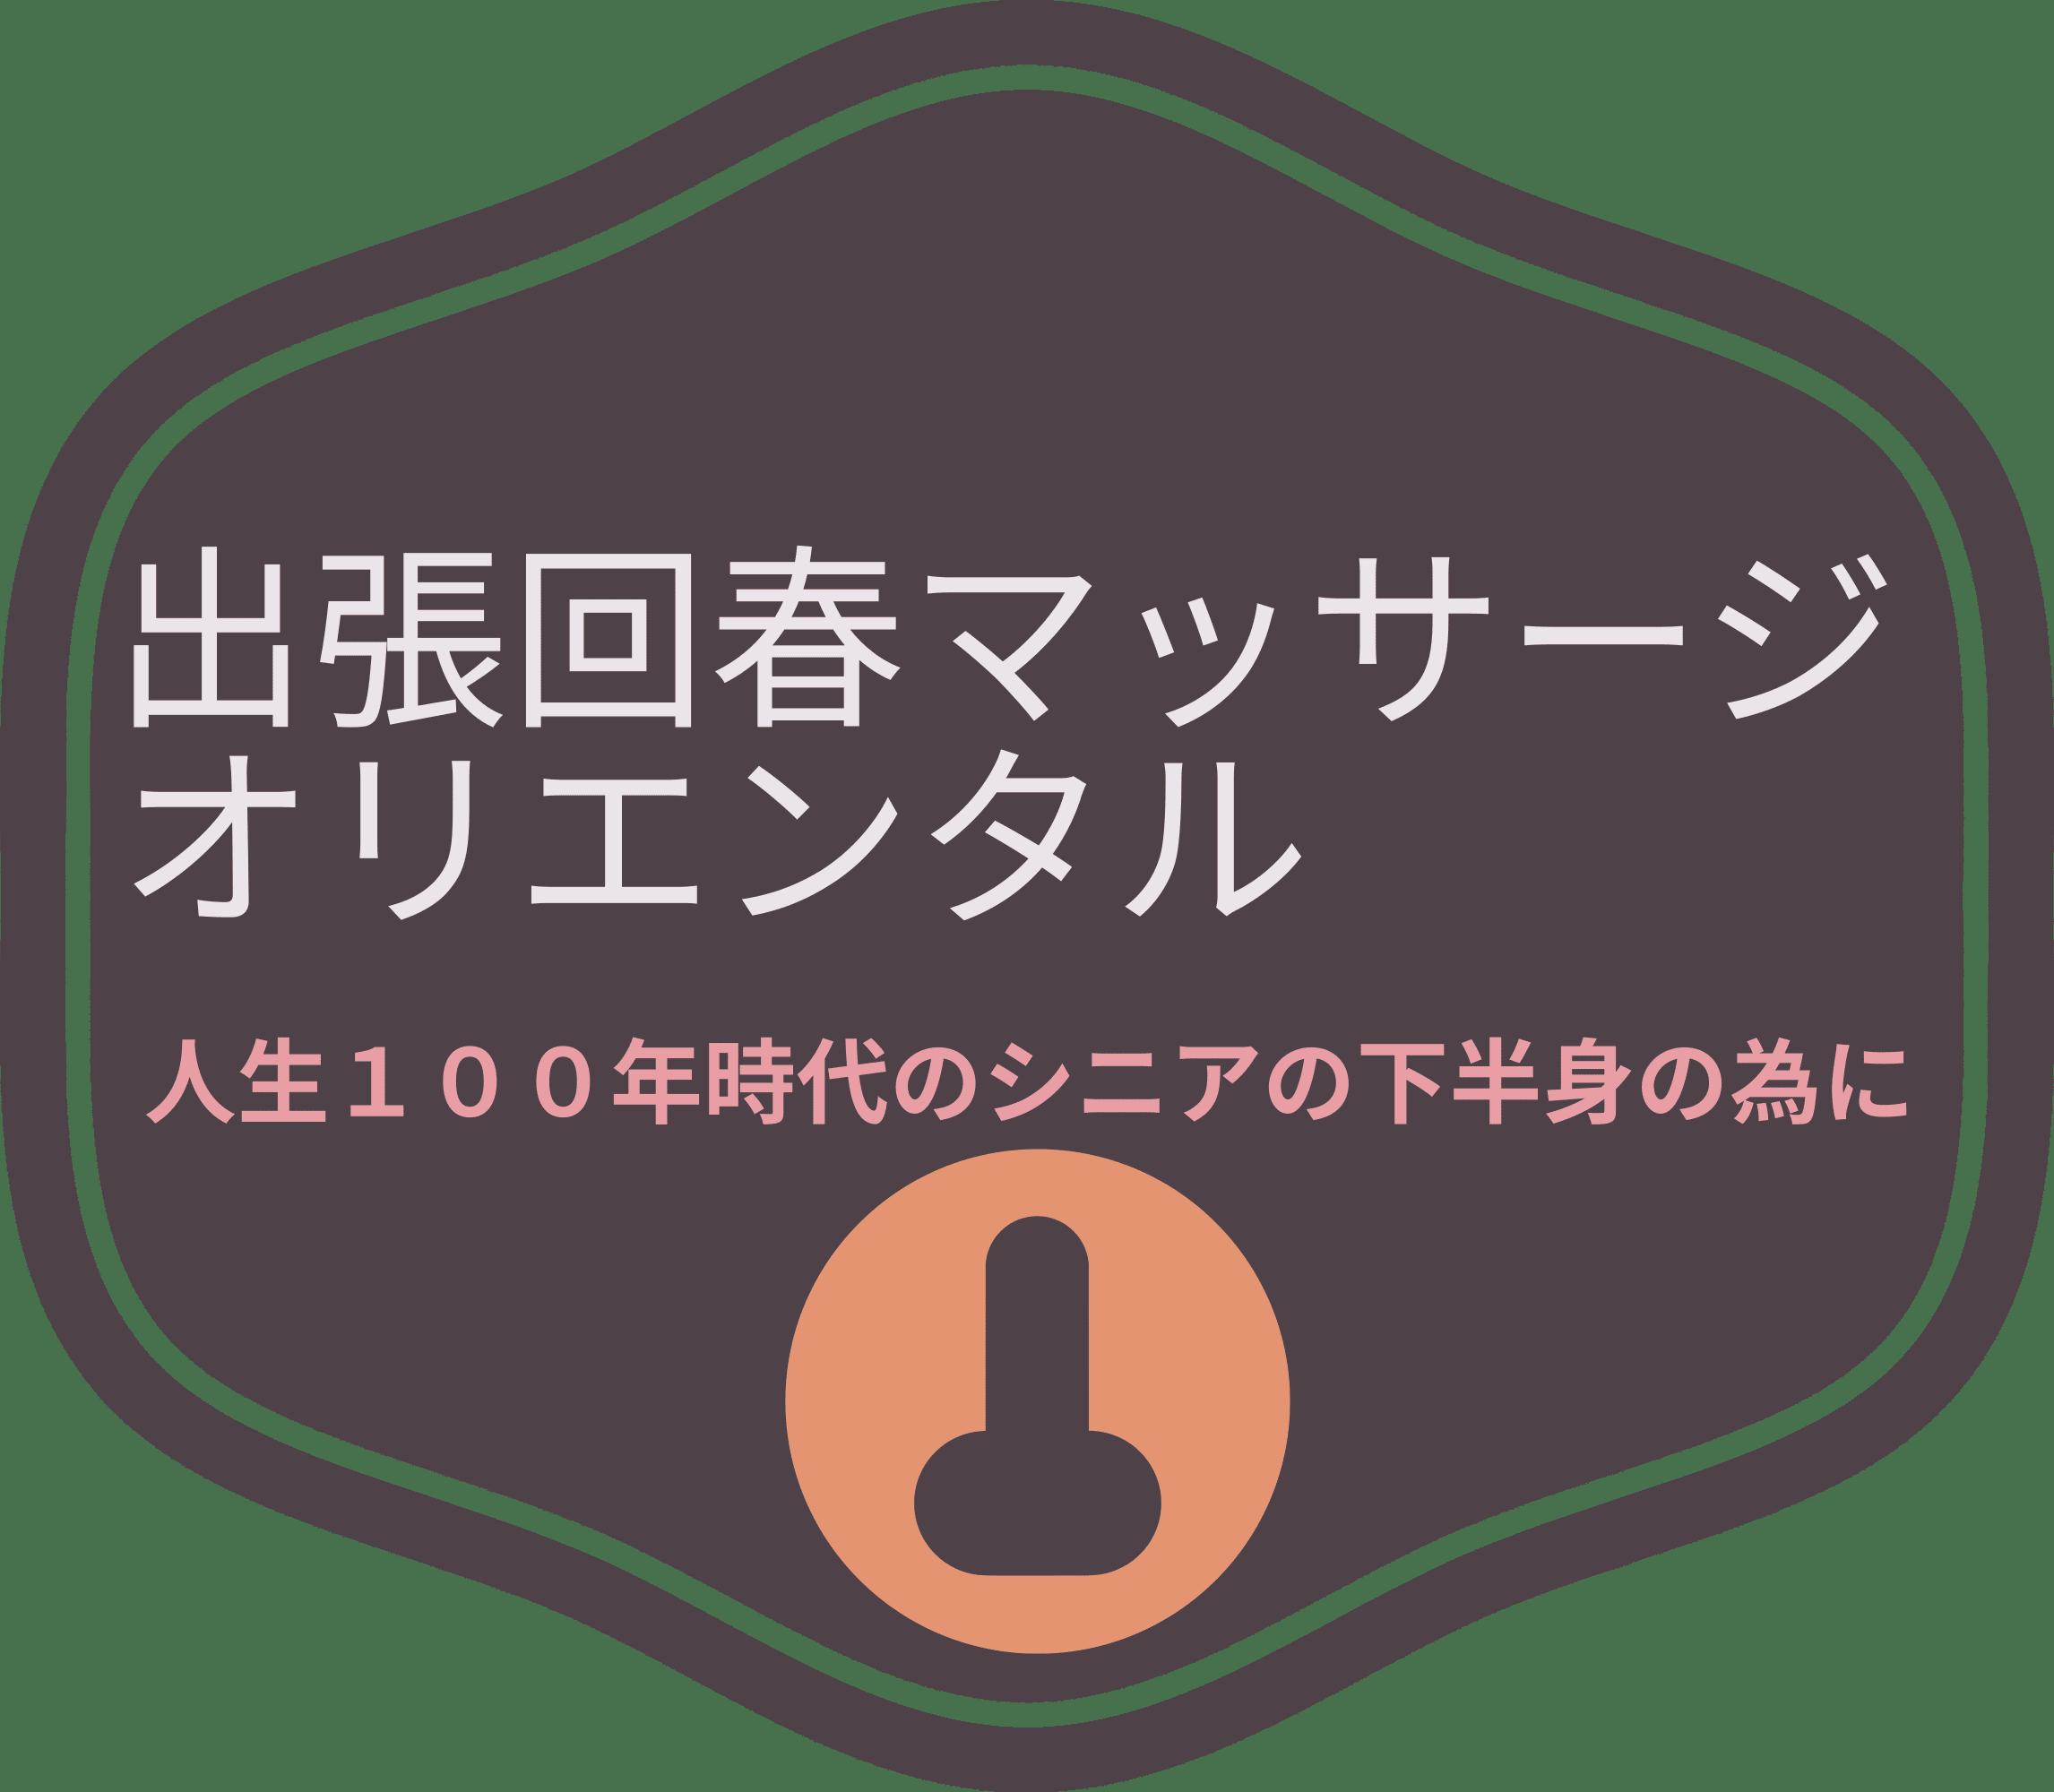 シニアのための出張回春マッサージ・風俗メンズエステ【ORIENTAL】